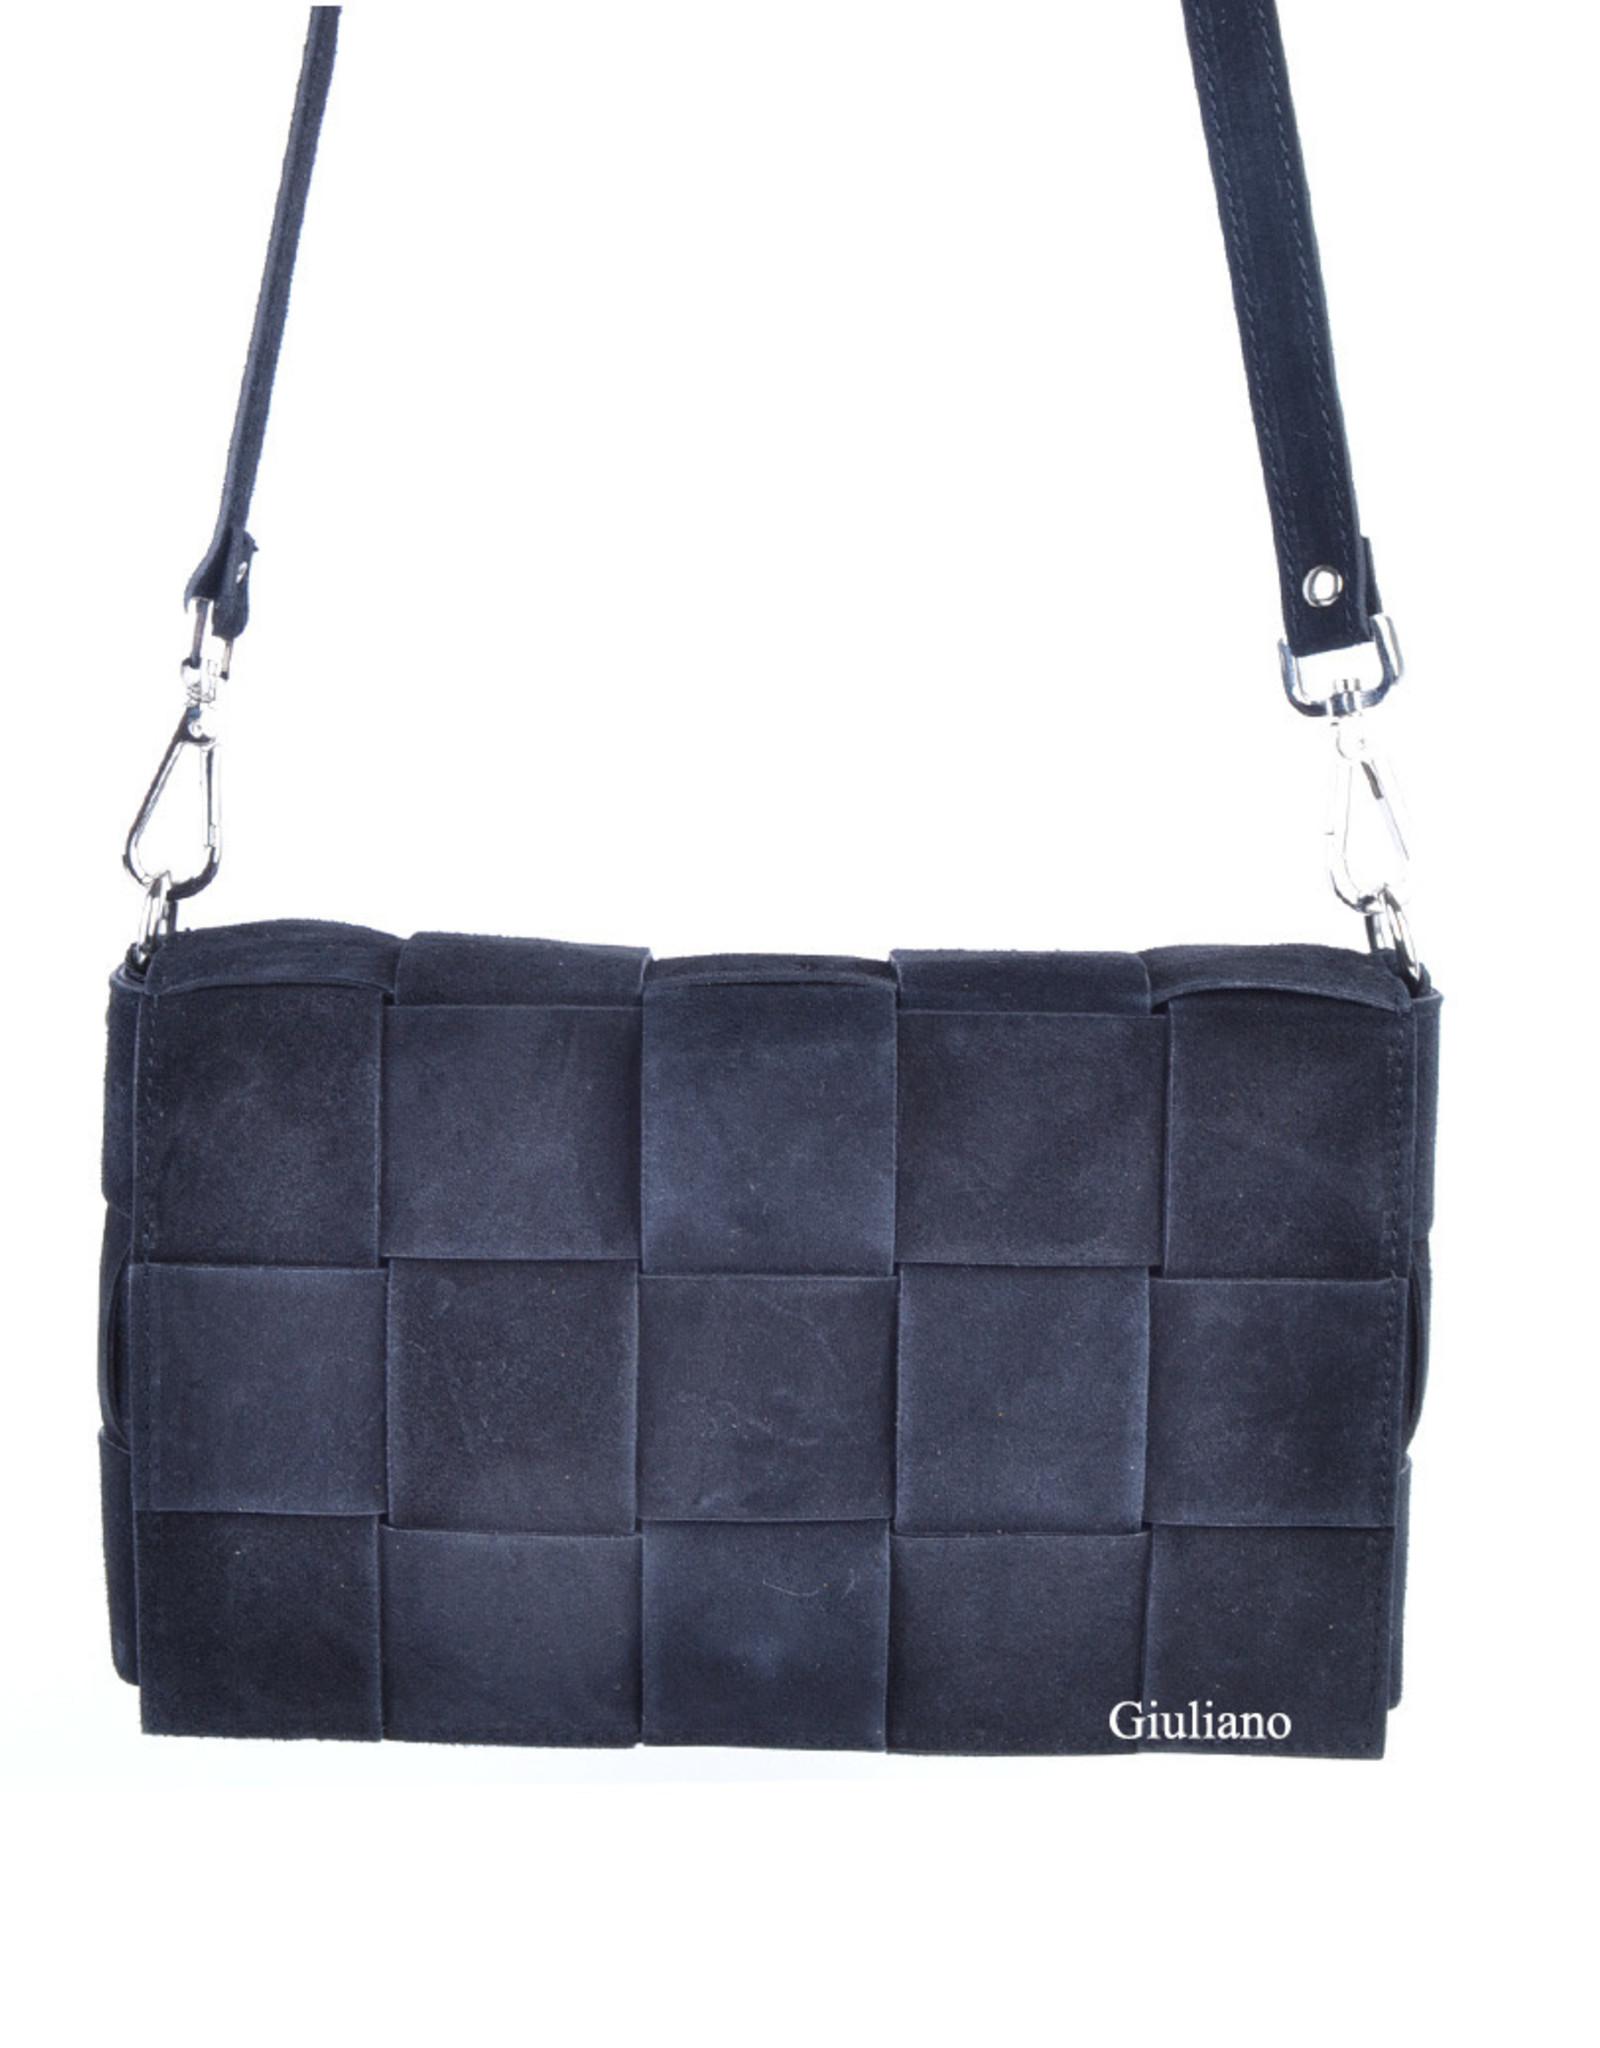 Grote clutch/schoudertas in gevlochten leder met uitneembare binnentas.